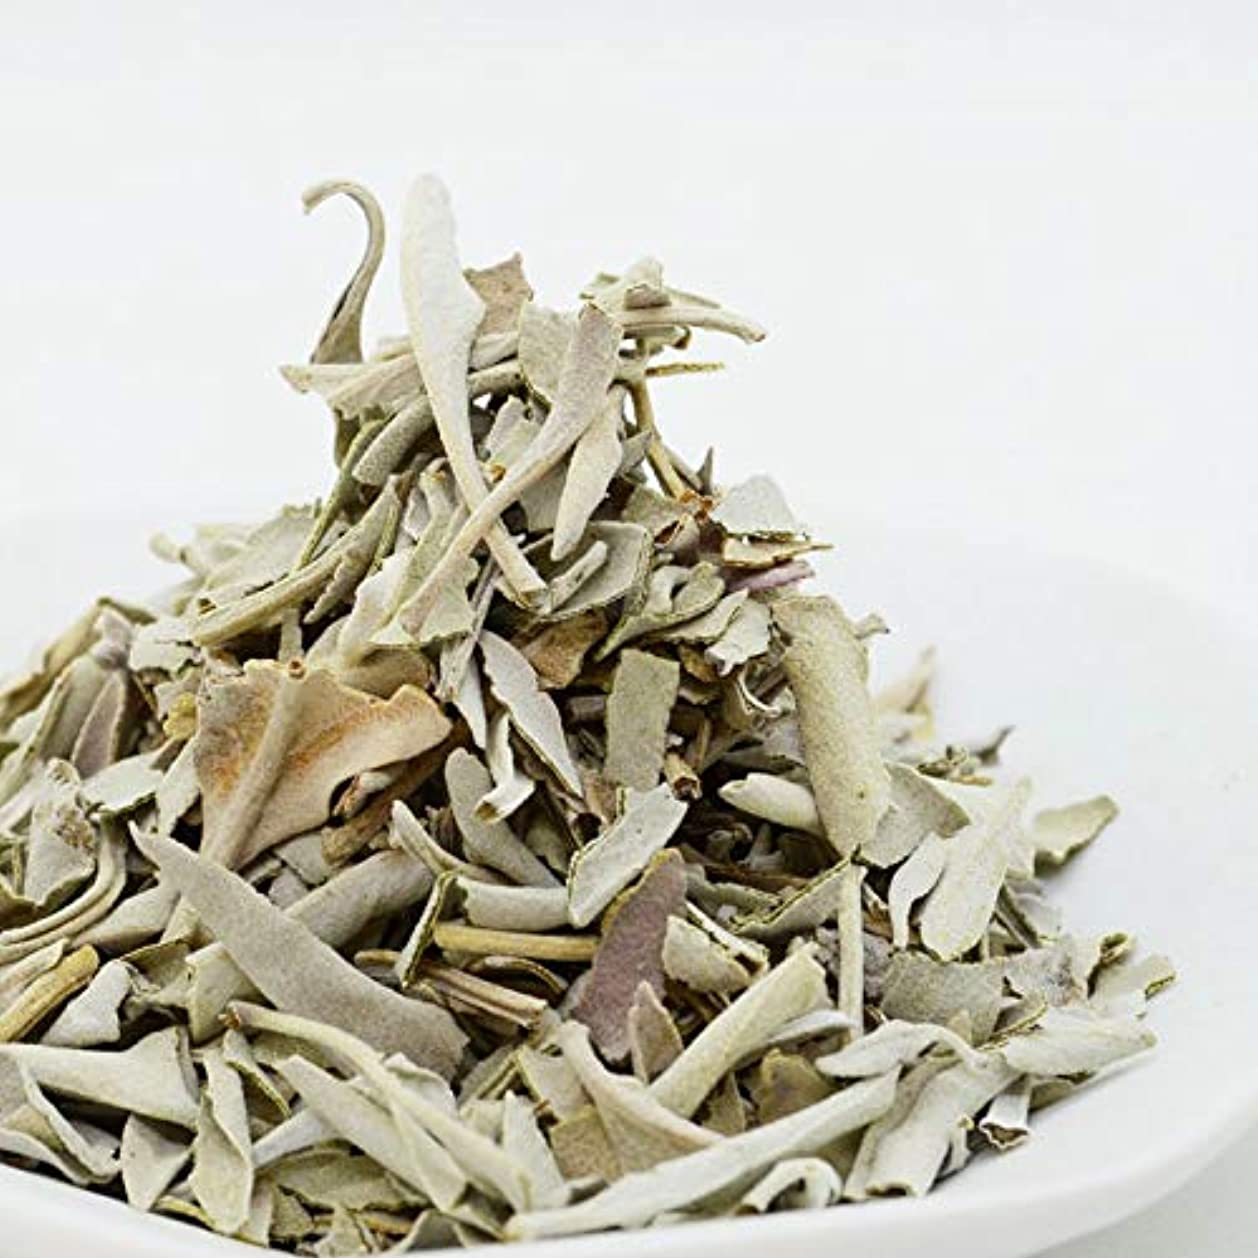 どこかトリム施し高品質 無農薬 ホワイトセージ クラッシュ 100gカリフォルニア産 浄化用 お香に